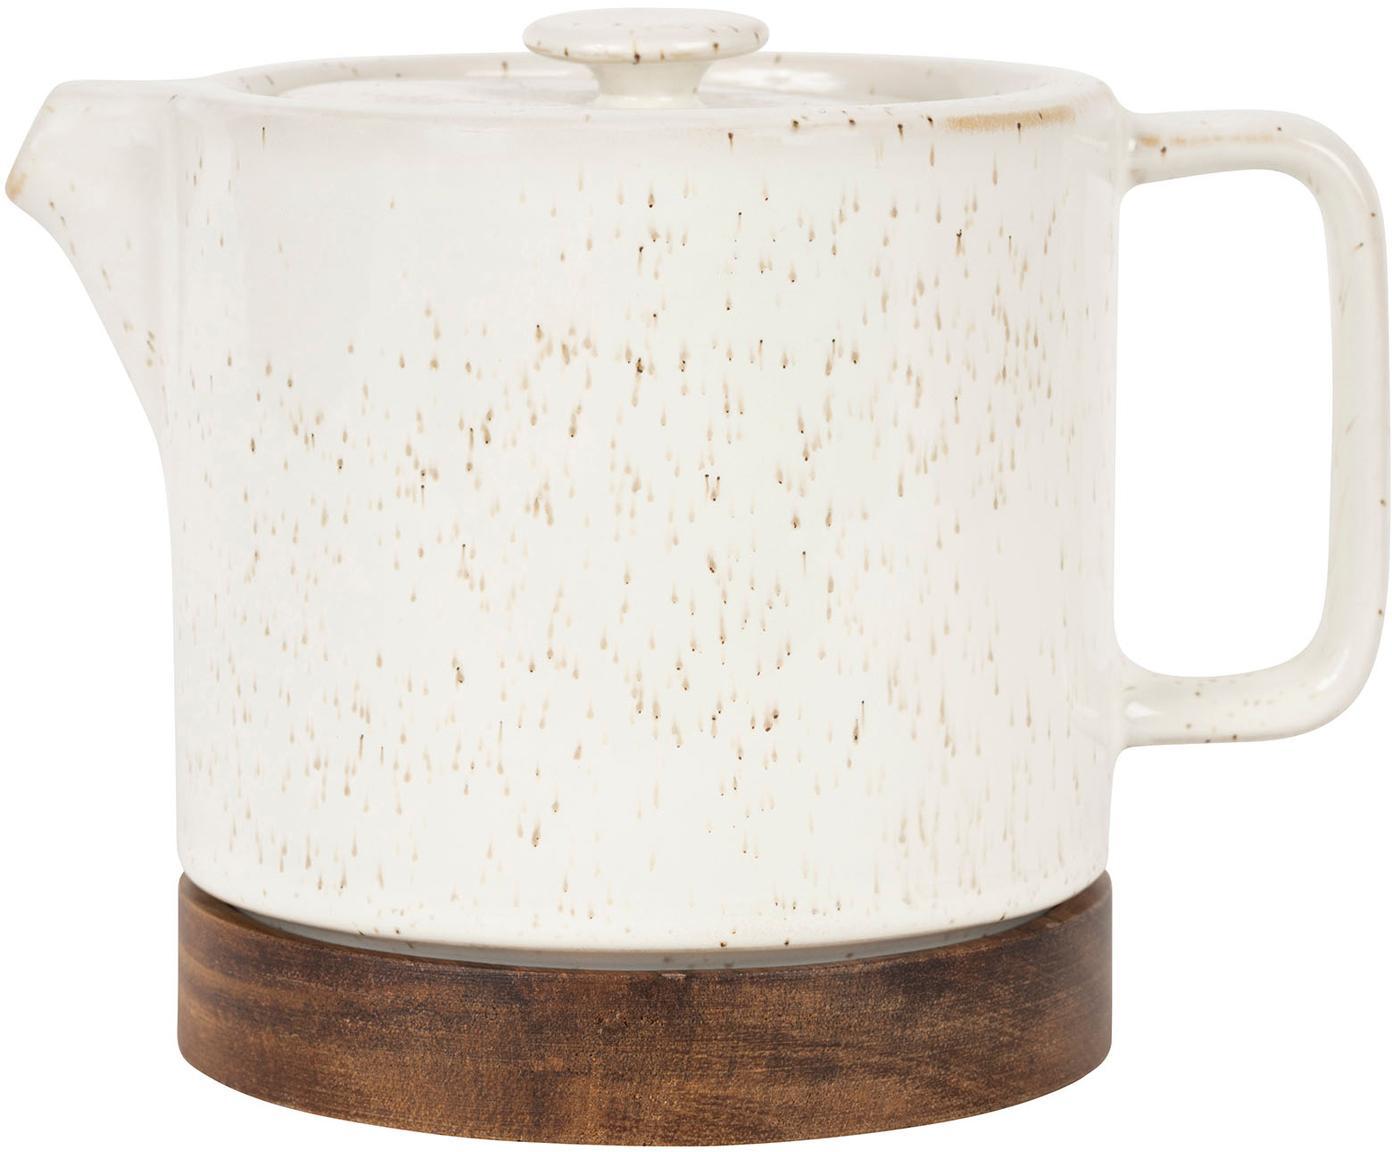 Teekanne Nordika, Steingut, Akazienholz, Weiß, Braun, Ø 12 x H 12 cm